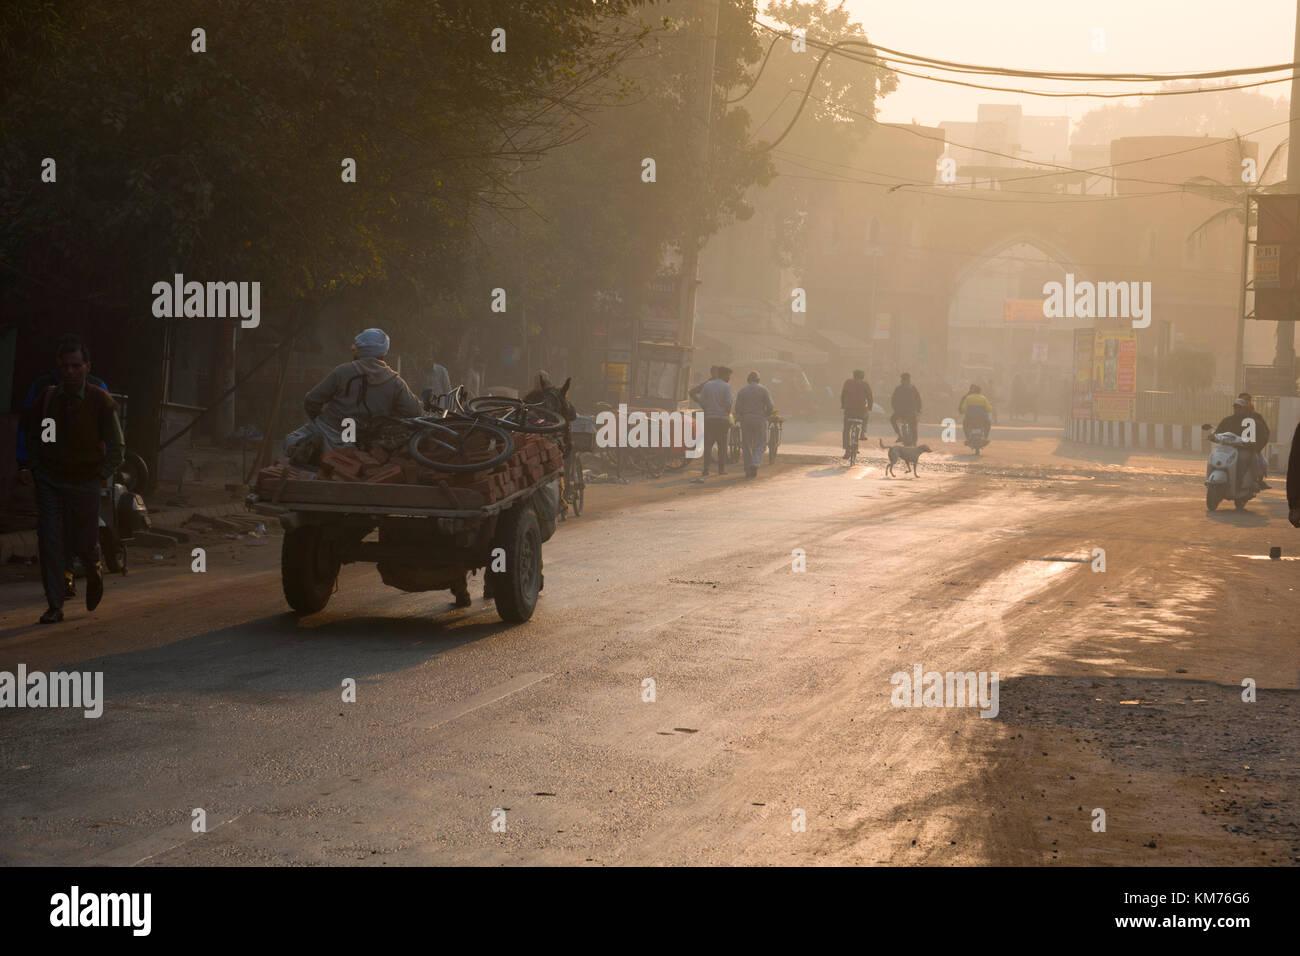 La mattina presto ambient street scene di Amritsar, India Immagini Stock